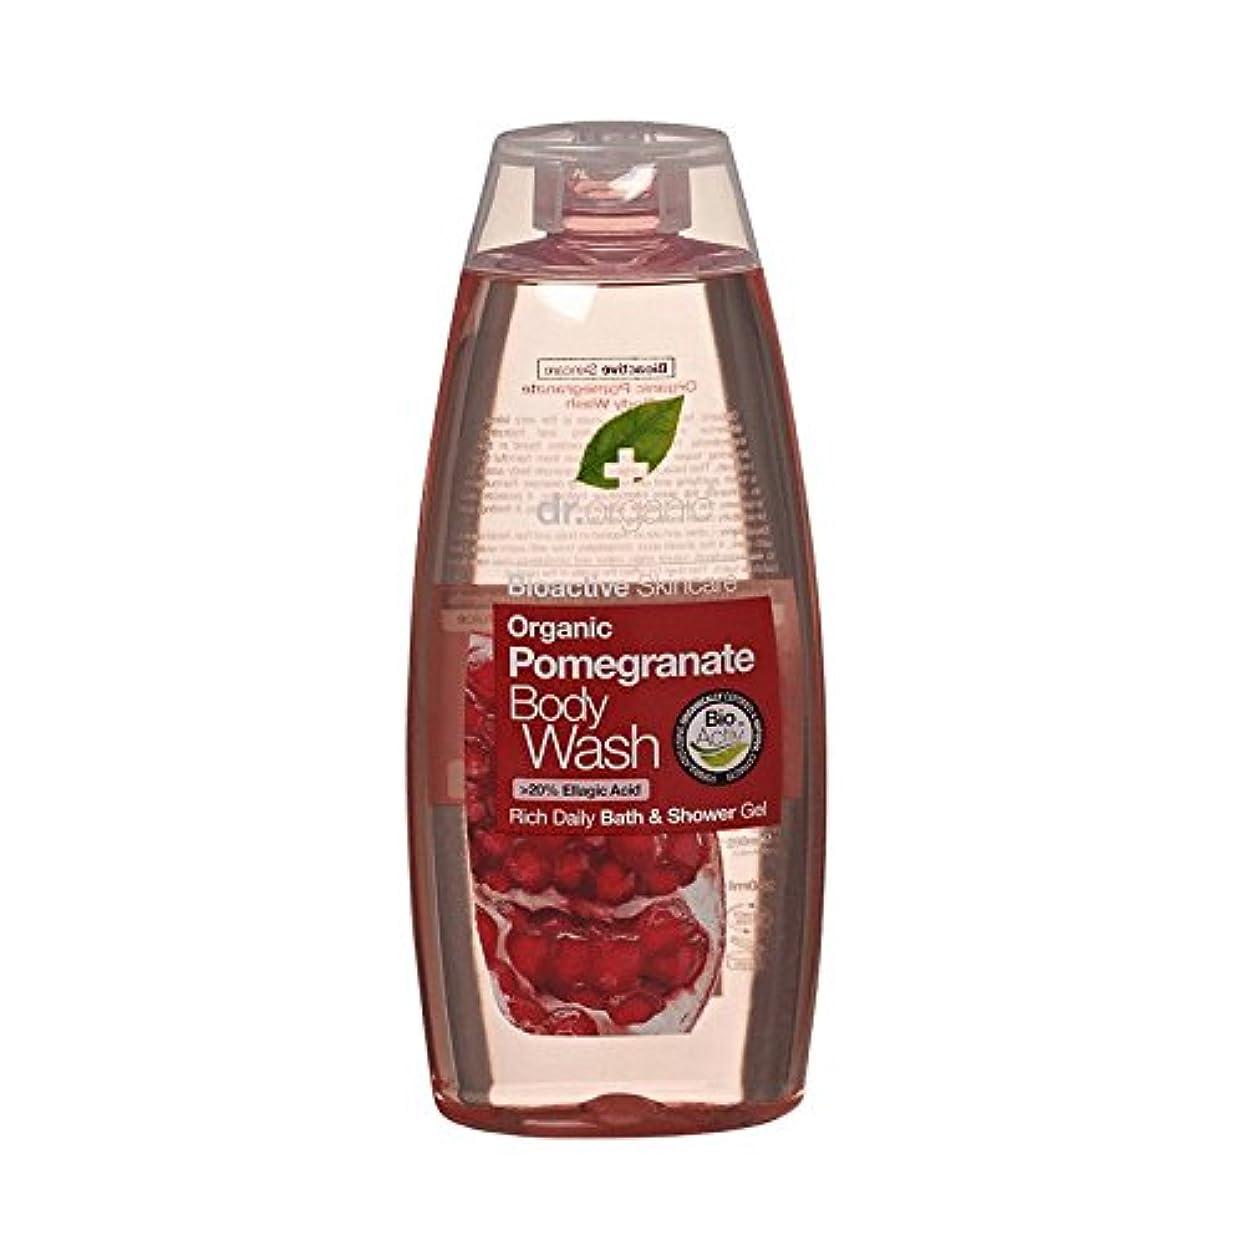 リズムタイト演劇Dr有機ザクロボディウォッシュ - Dr Organic Pomegranate Body Wash (Dr Organic) [並行輸入品]